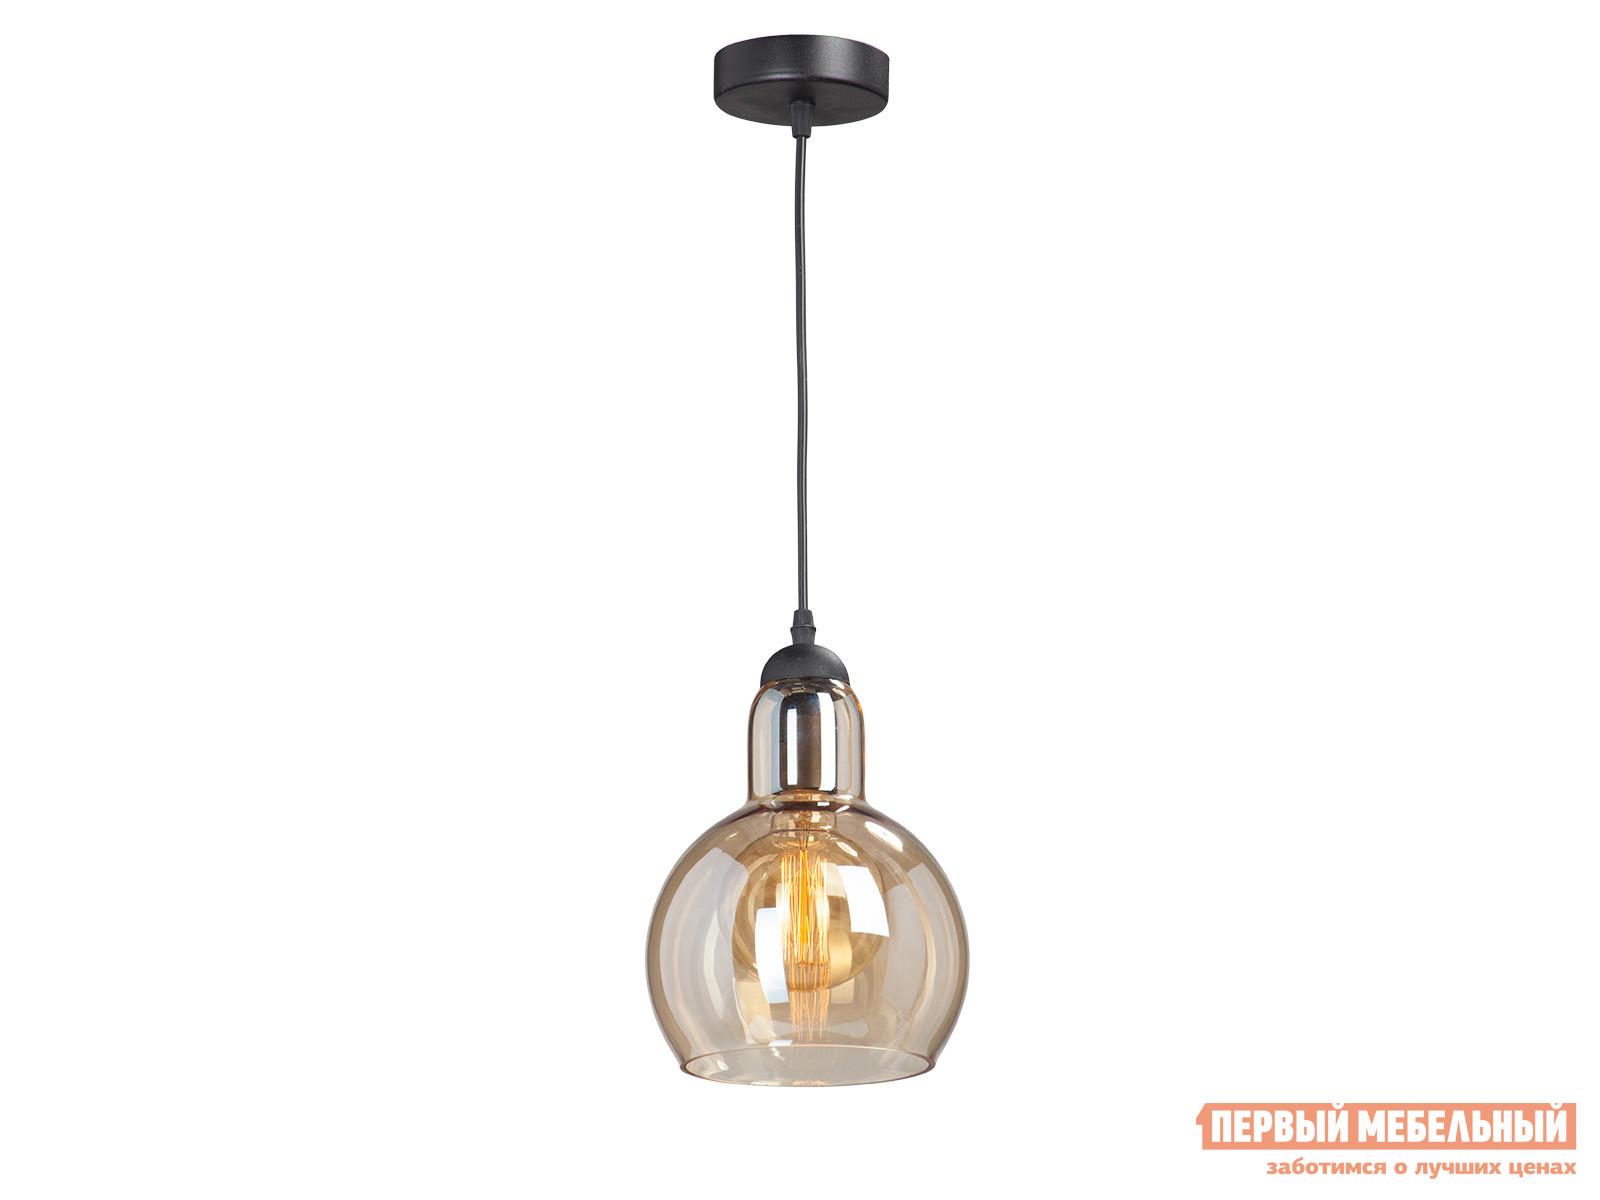 Подвесной светильник КСК-электро Люстра V4538-1/1S